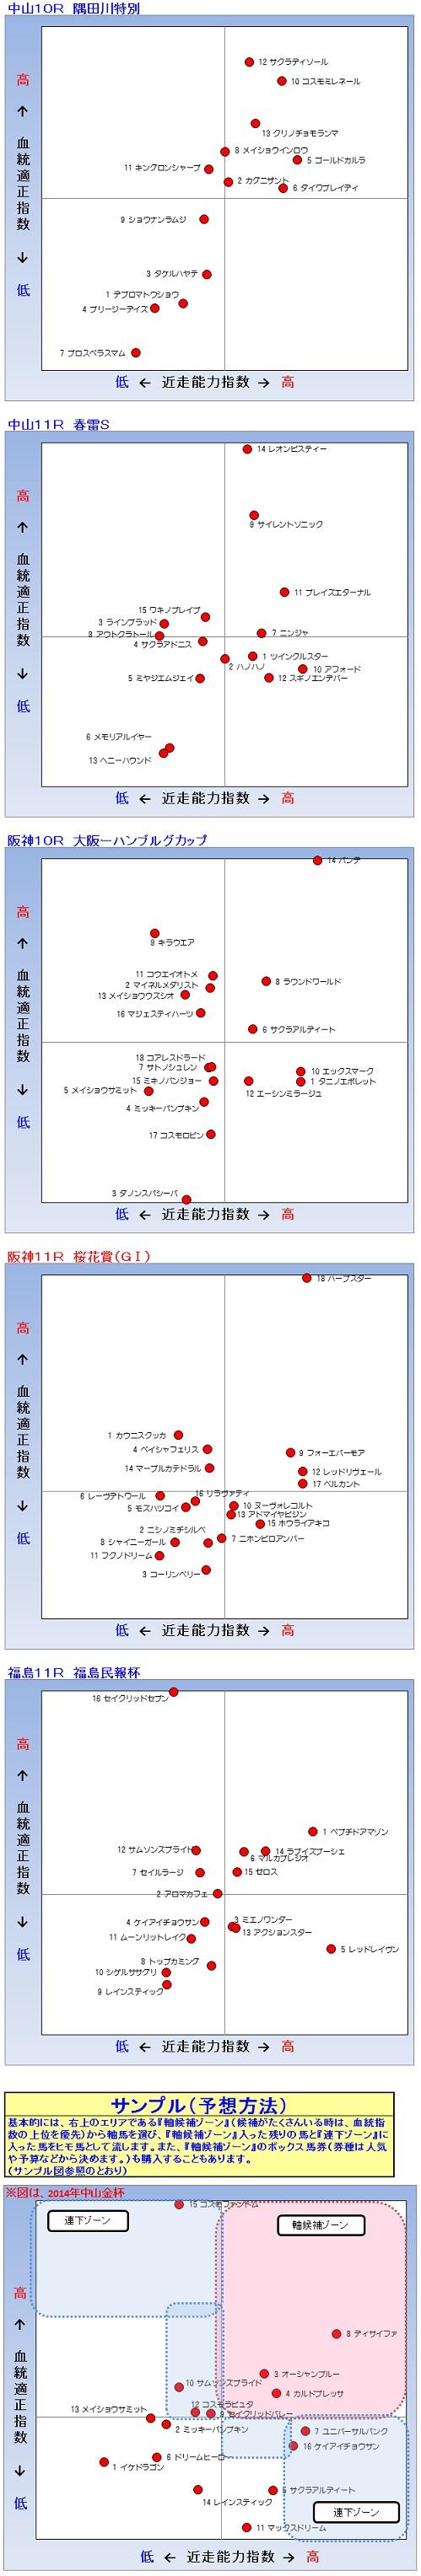 2014-04-13予想